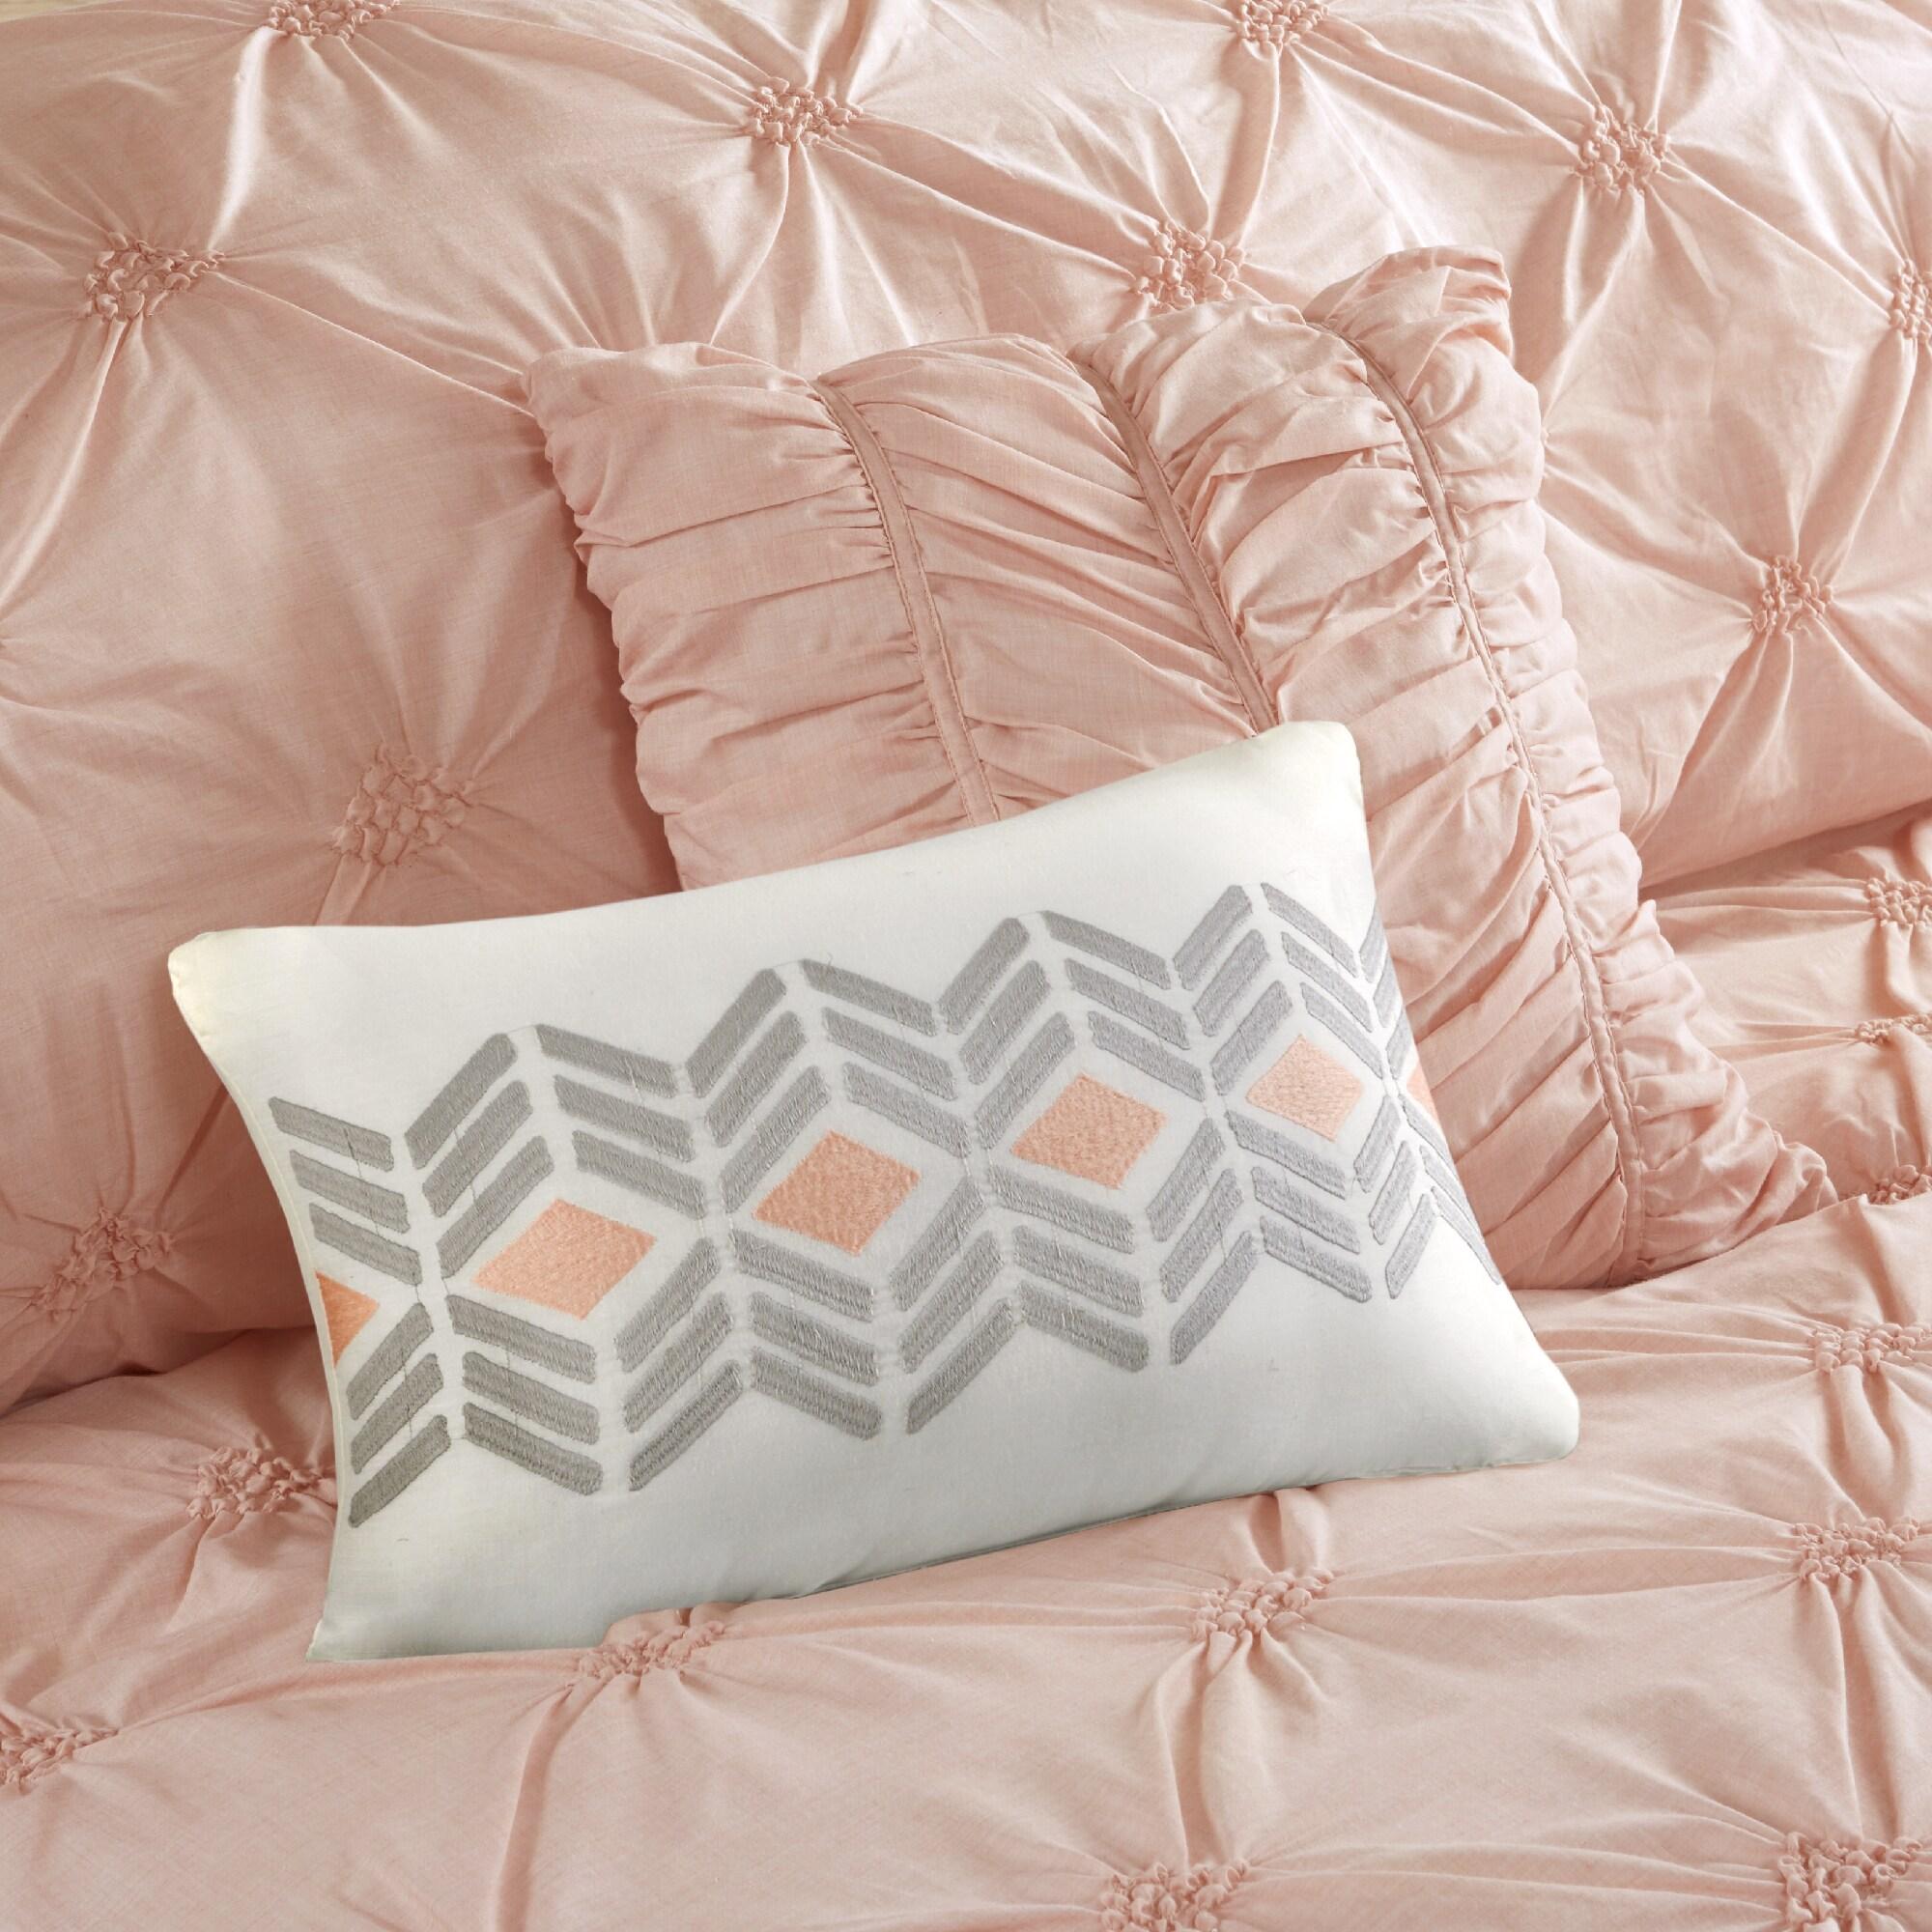 design bedeck duvet covers hulse filix pink clarissa at detail coral bedding